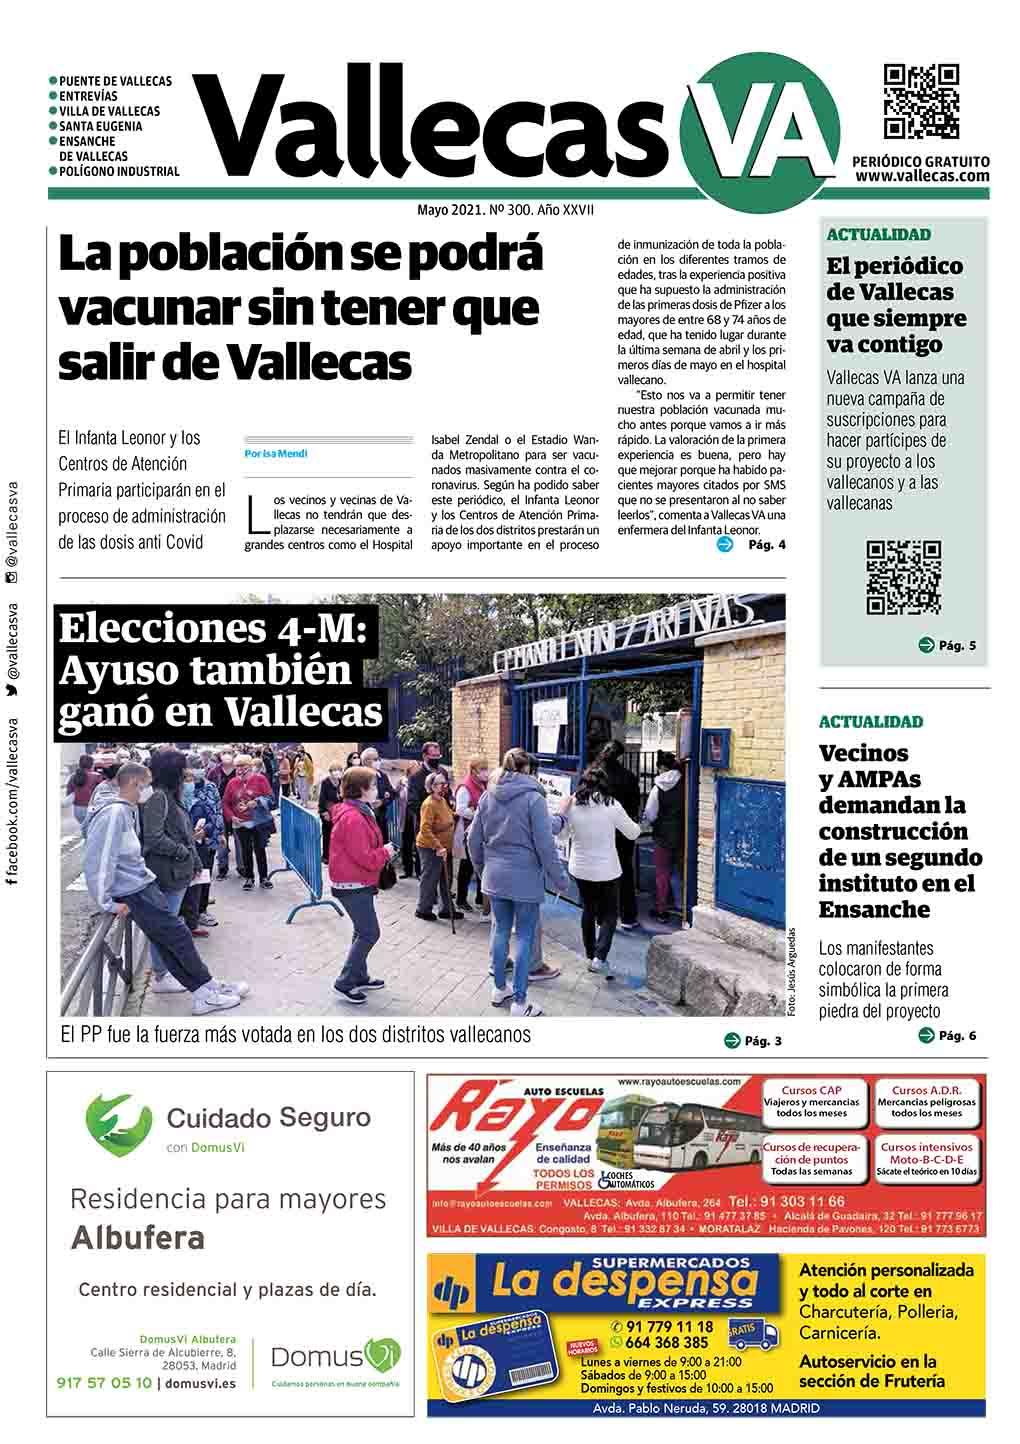 PDF Vallecas Mayo 2021